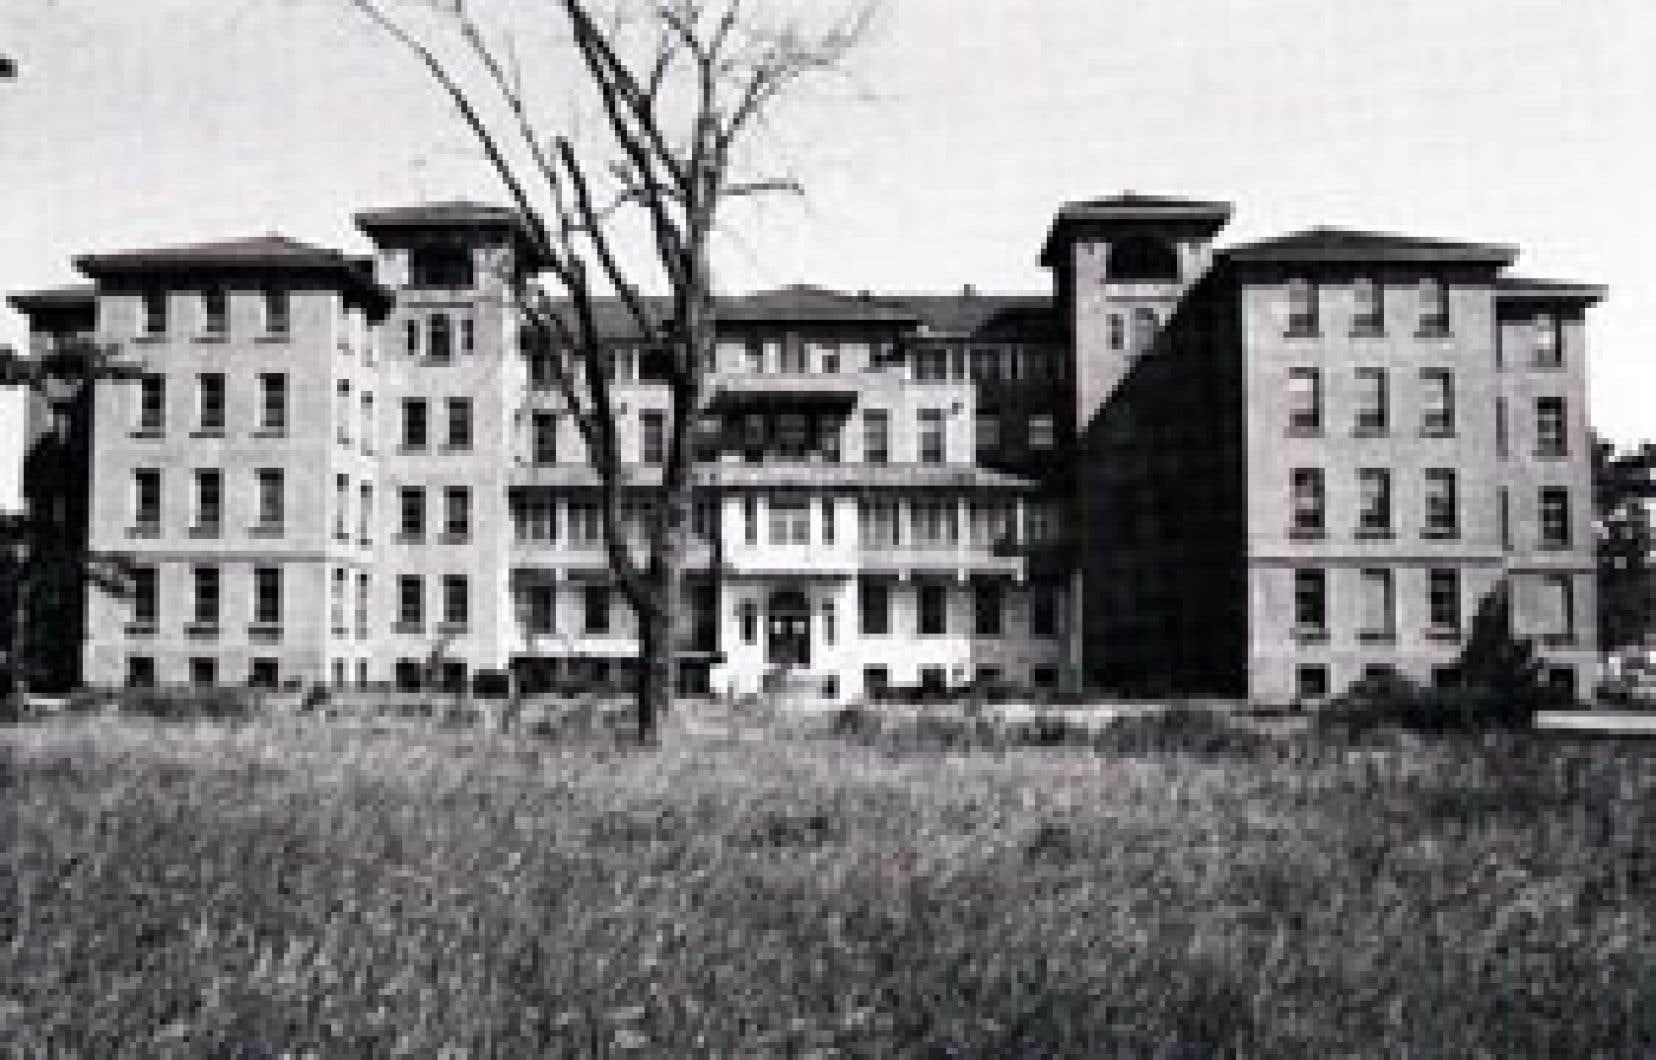 L'orphelinat Notre-Dame-de-Liesse en 1979, vacant après la fermeture de l'oeuvre quelques années plus tôt.